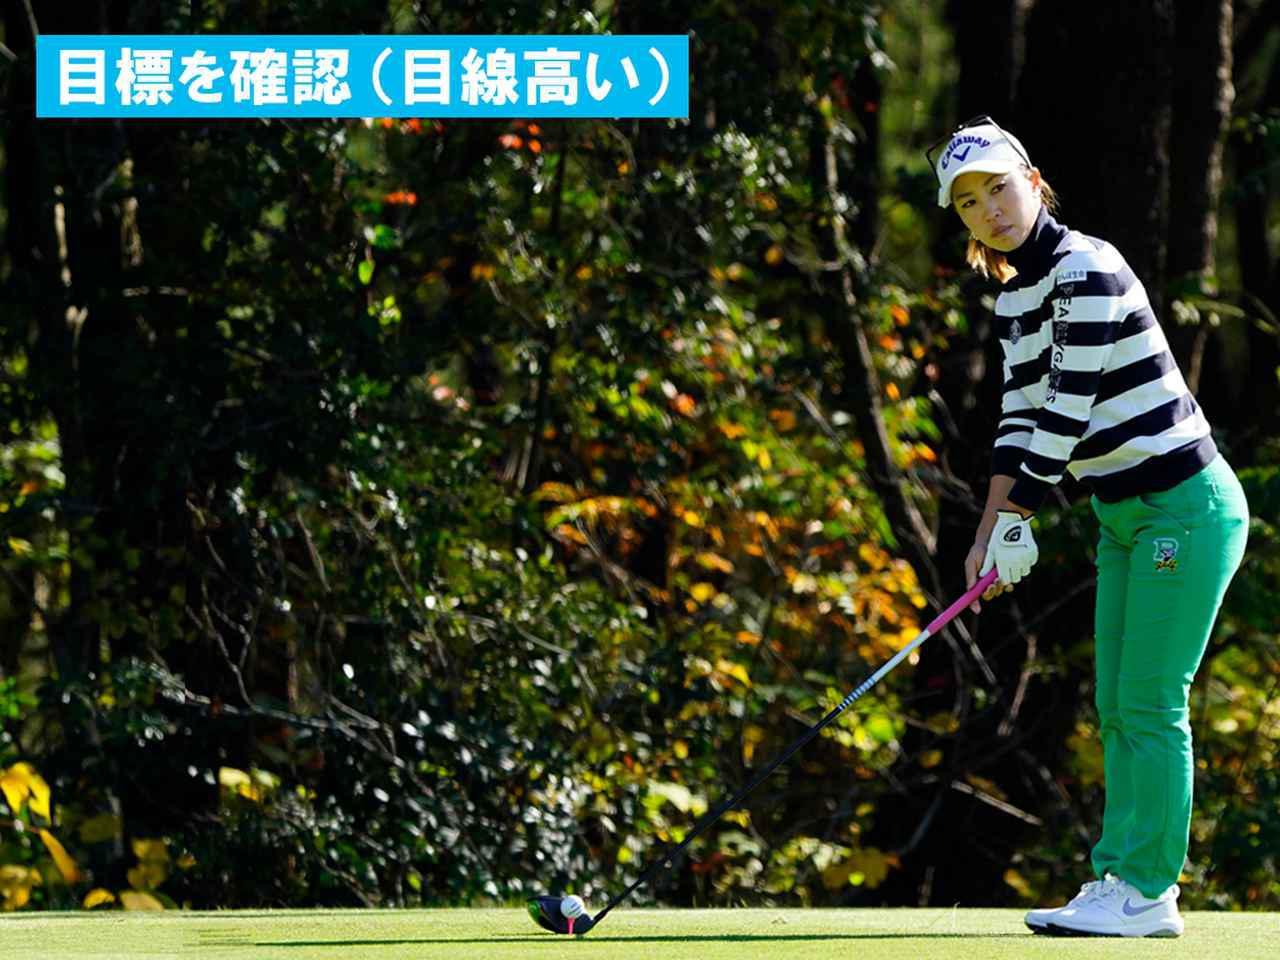 """画像44: 【プレショットルーティン調査】女子プロゴルファー上位32人をチェック! 2タイプに分かれた""""アドレスの入り方"""""""